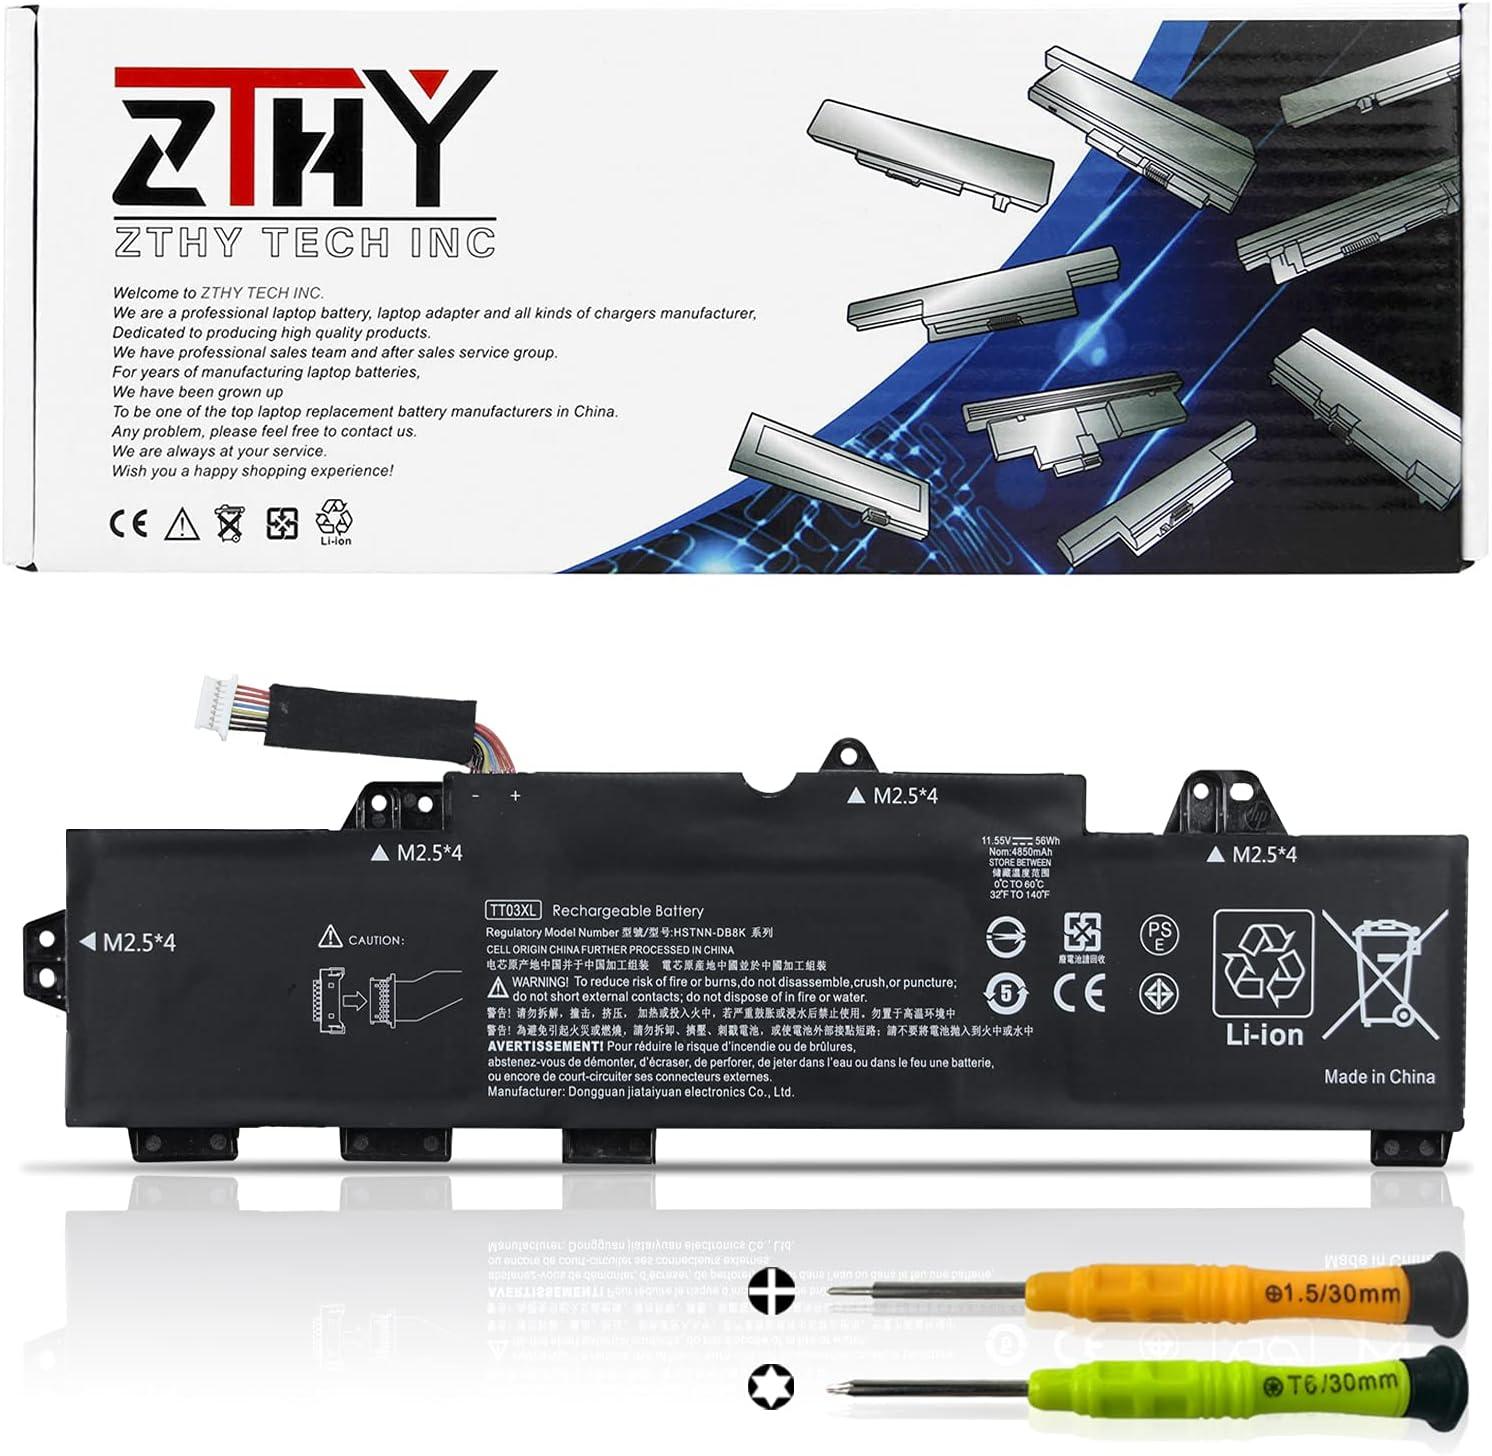 ZTHY New TT03XL Laptop Battery Replacement for HP EliteBook 755 G5 850 G5 850 G6 ZBook 15U G5 15U G6 Series Notebook 932824-2C1 933322-855 932824-421 HSTNN-LB8H HSTNN-DB8K 11.55V 56Wh 4850mAh